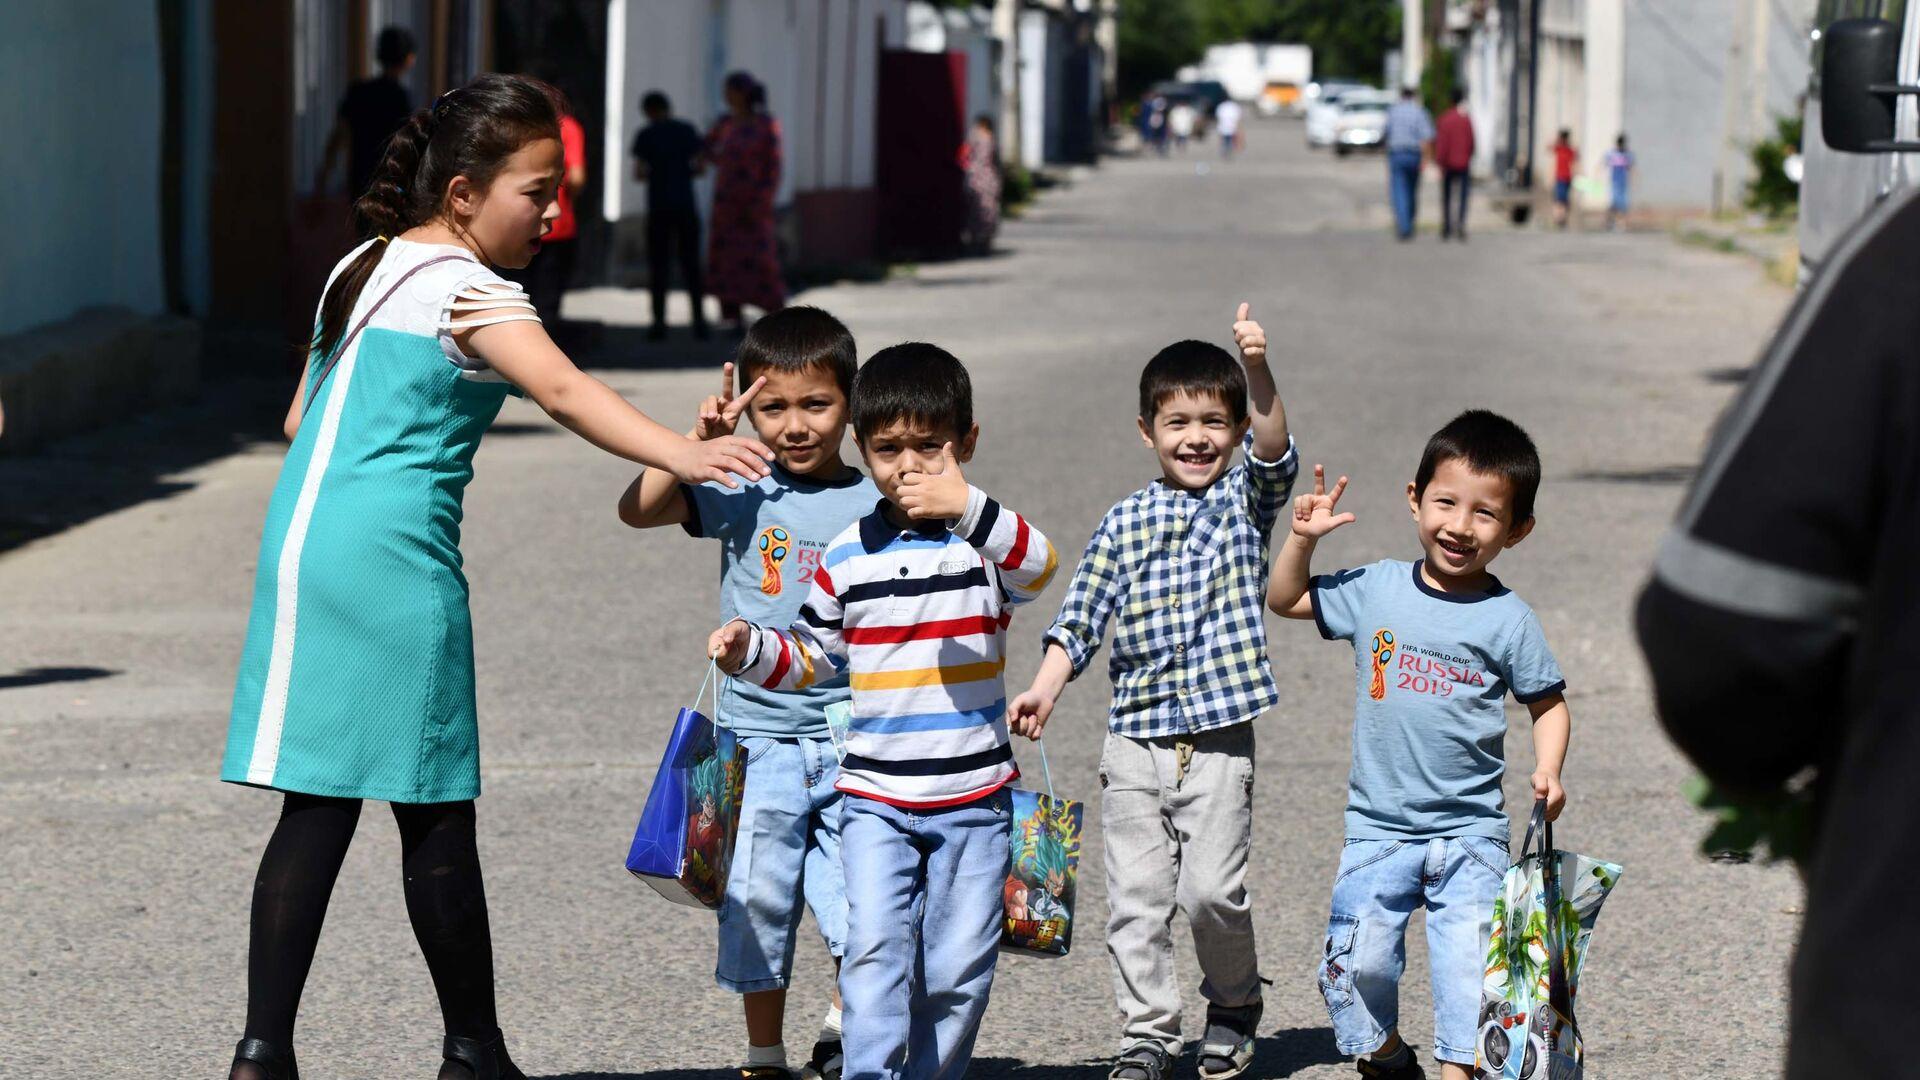 Дети гуляют на улице в Таджикистане - Sputnik Таджикистан, 1920, 12.10.2021